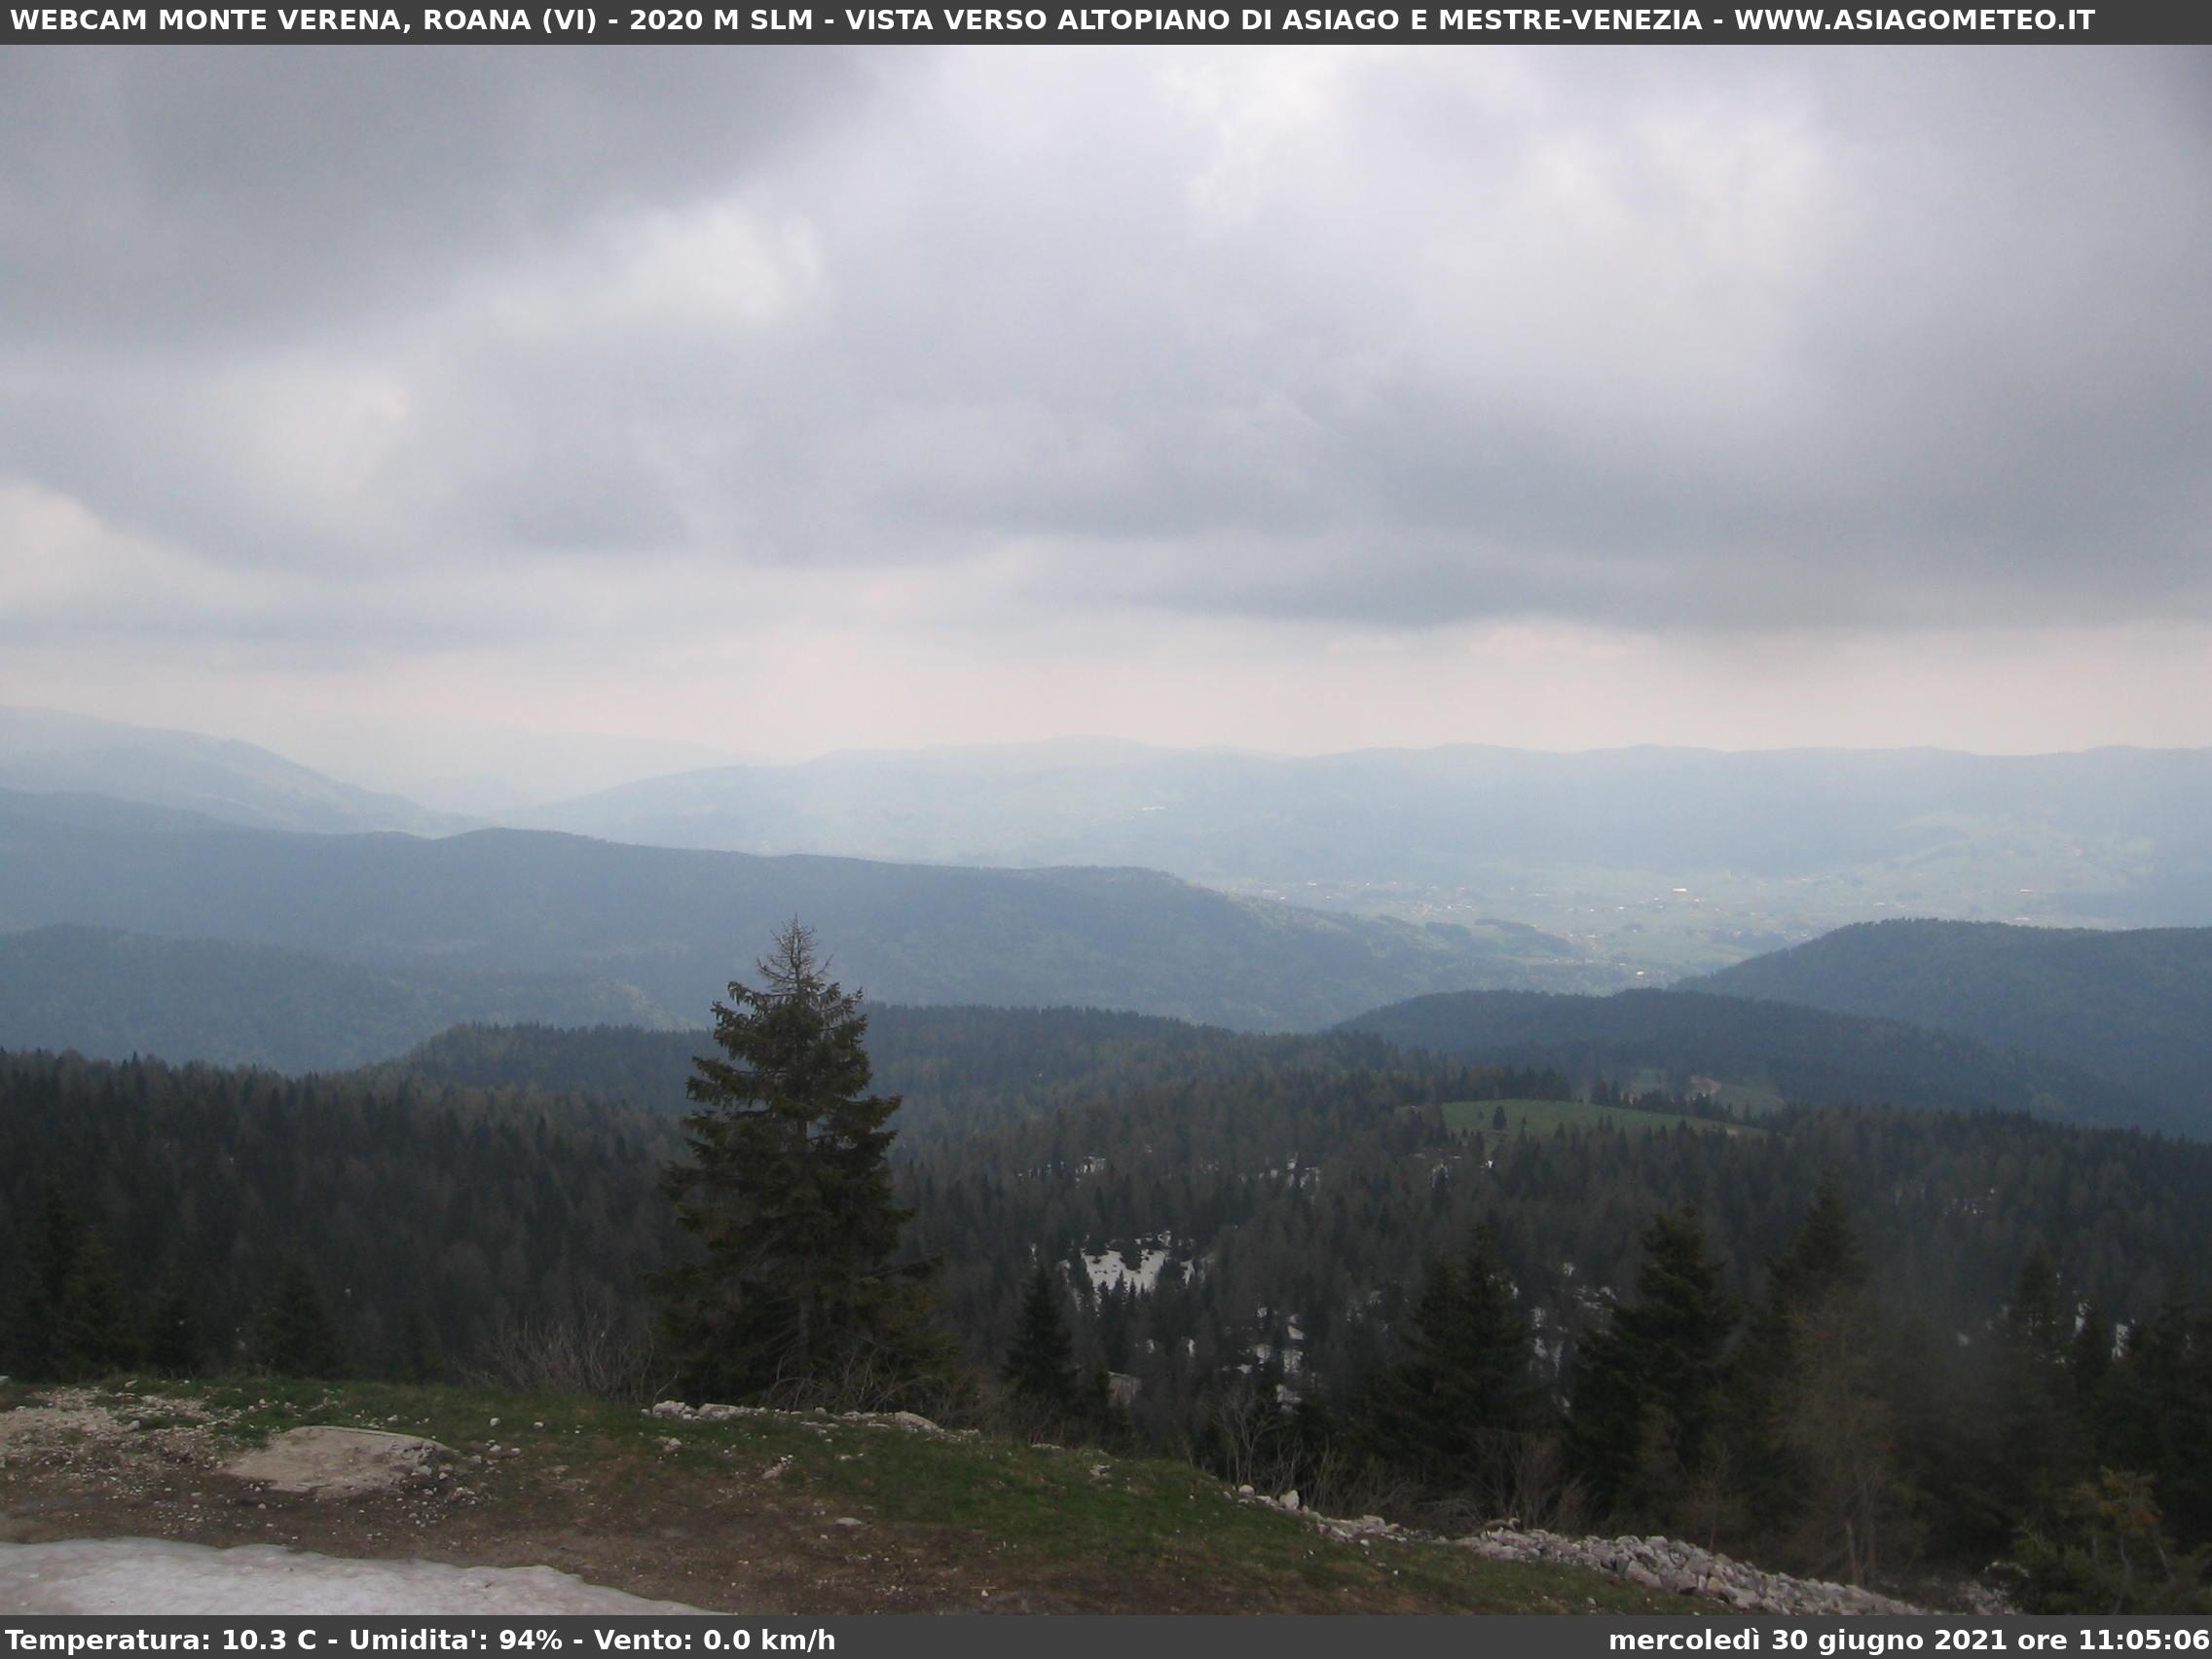 Webcam Monte Verena 2.020 m. (VI)